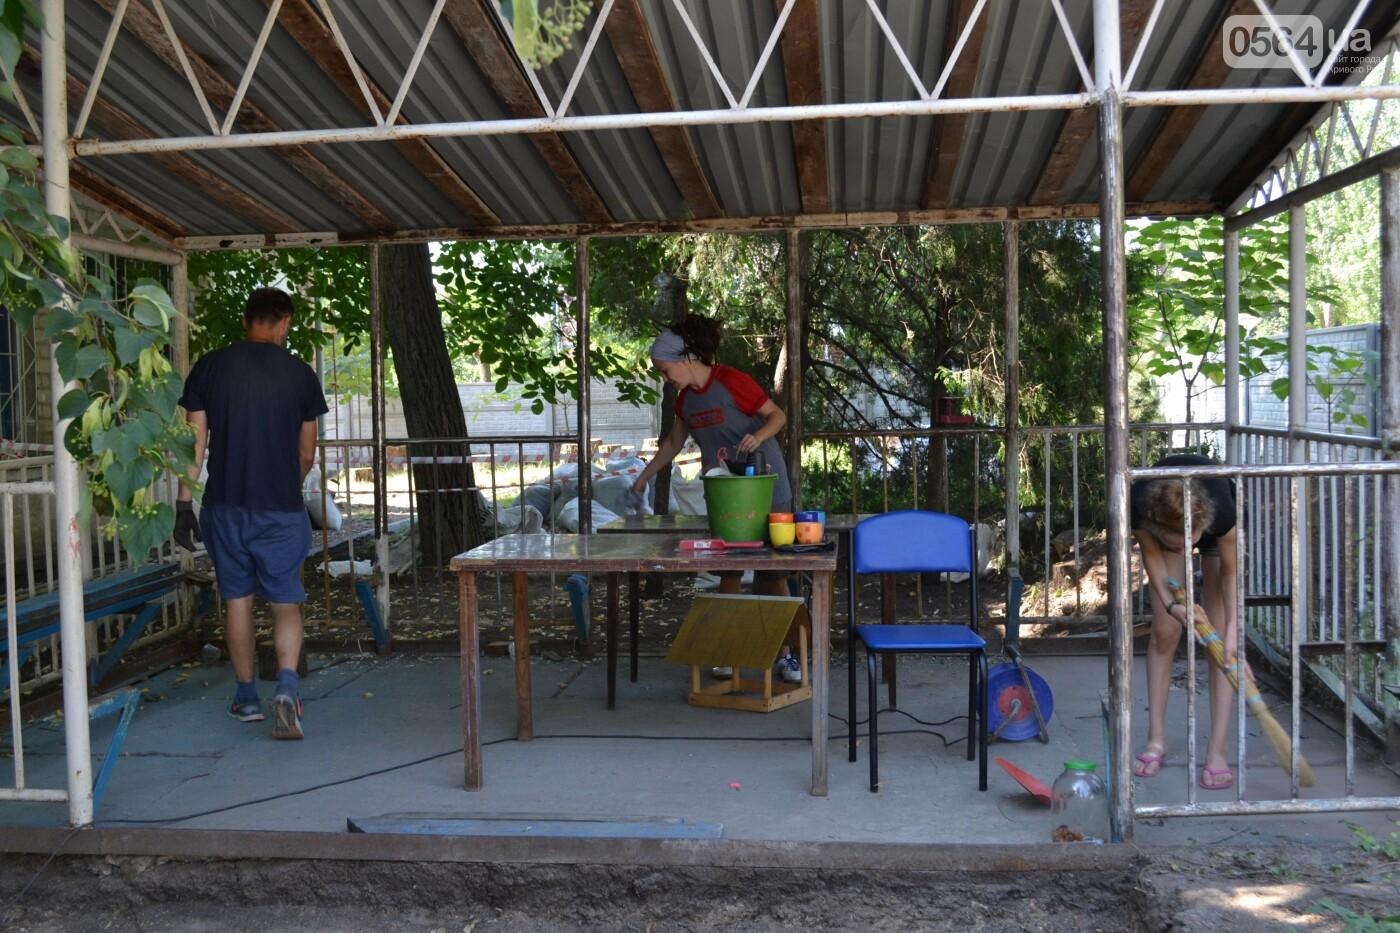 Криворожане продолжают трудиться над созданием уникального арт-пространства для детей и взрослых, - ФОТО, ВИДЕО, фото-33